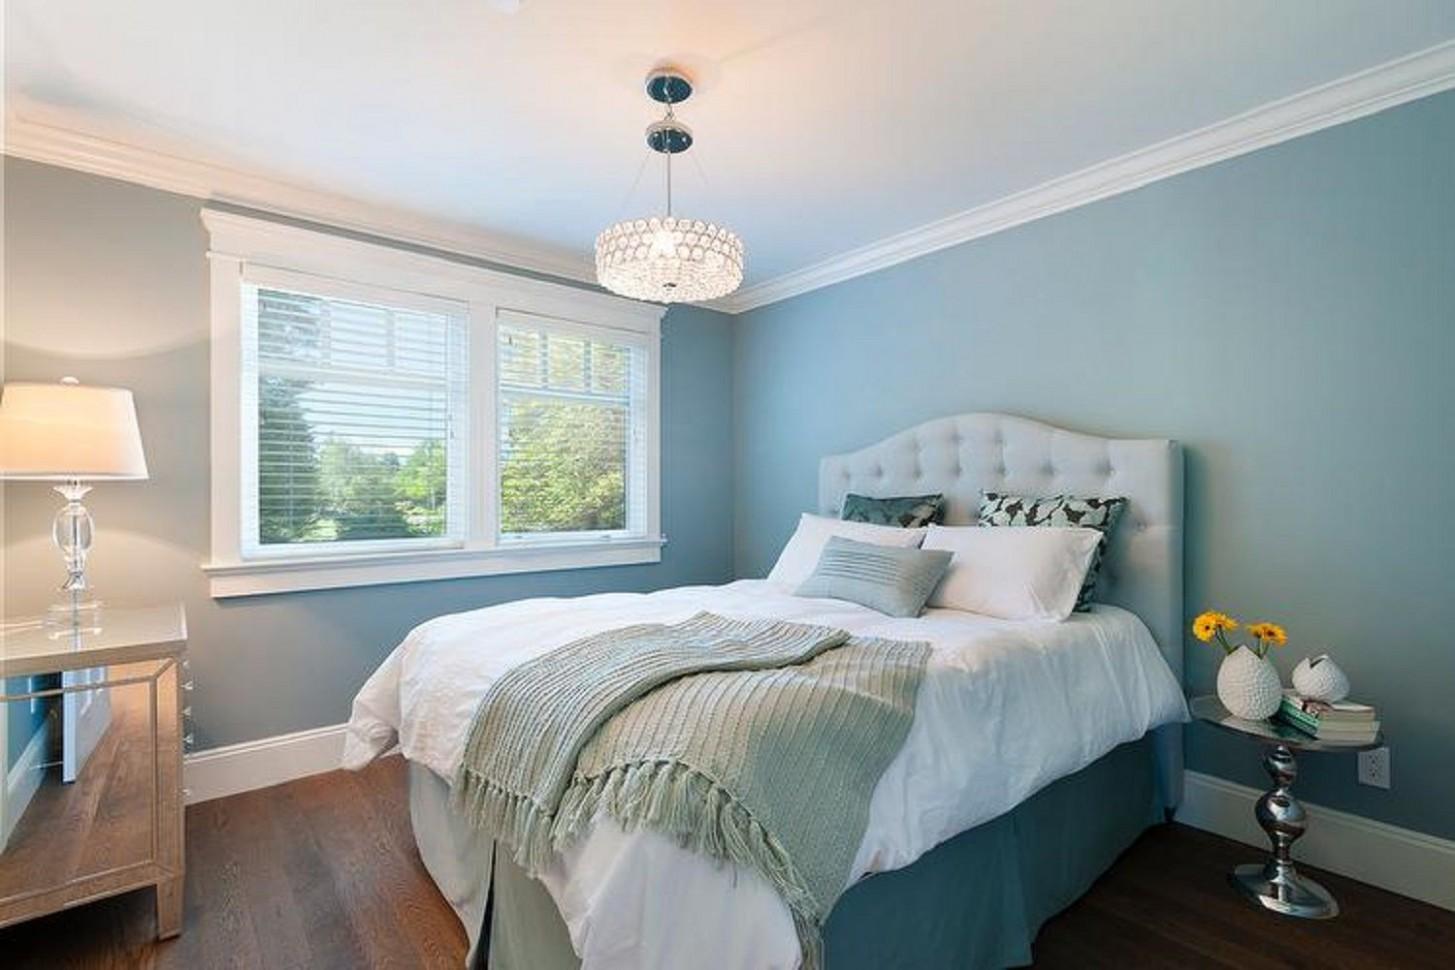 9 Stunning Blue Bedroom Ideas - Bedroom Ideas In Blue